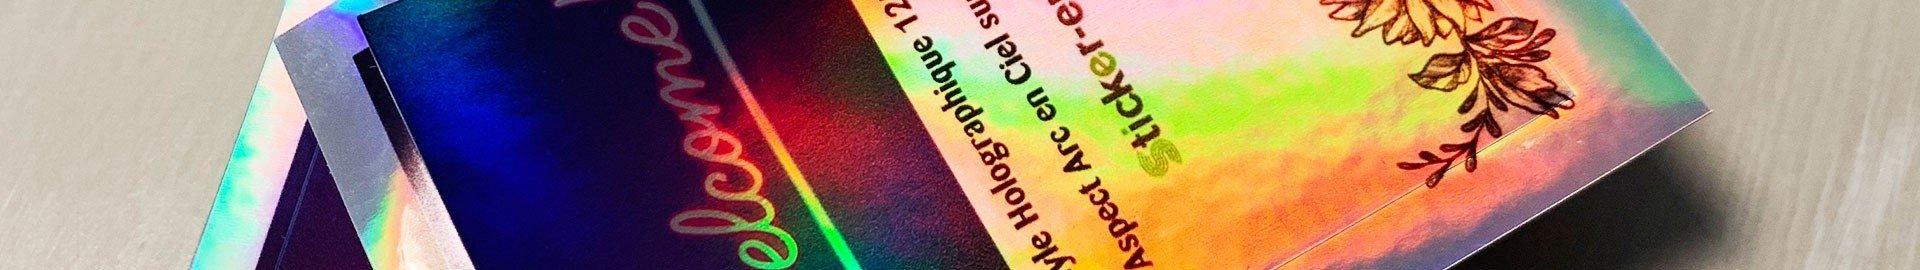 Stickers vinyle Holographique - Aspect Arc en ciel sur les 2 faces